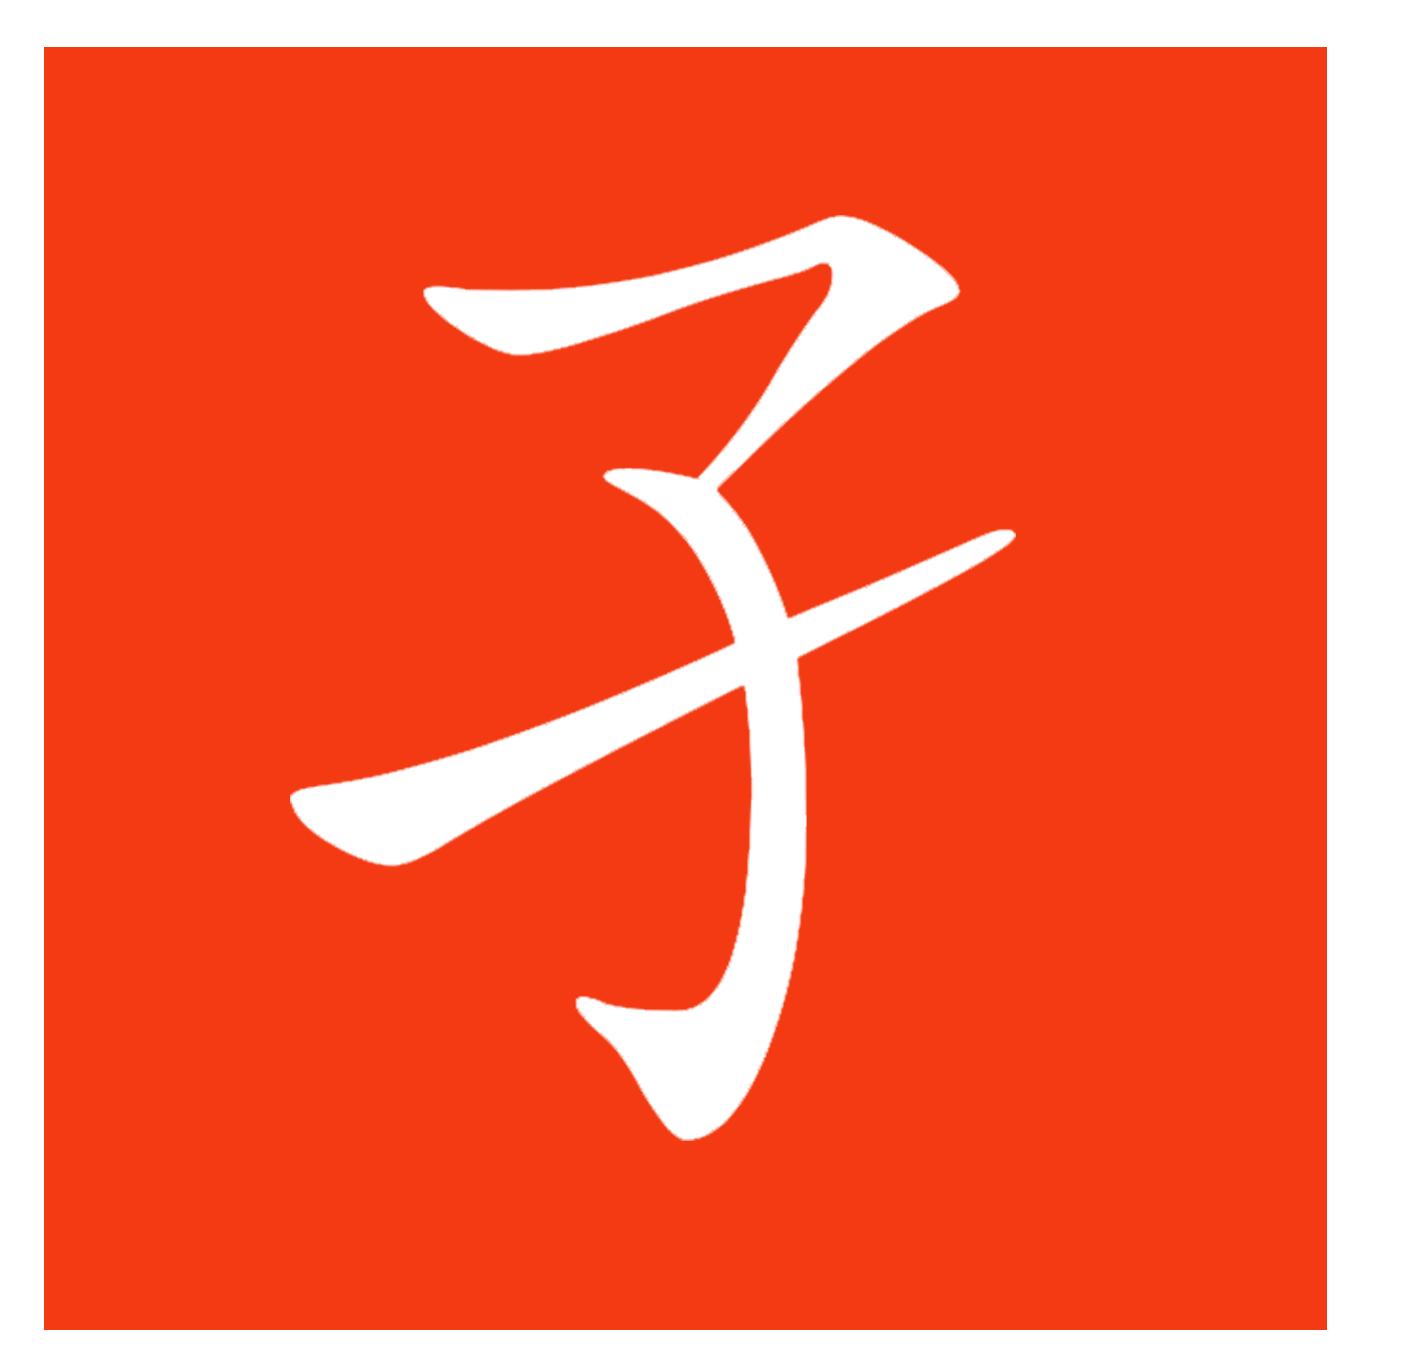 Hálózati marketing társkereső oldal